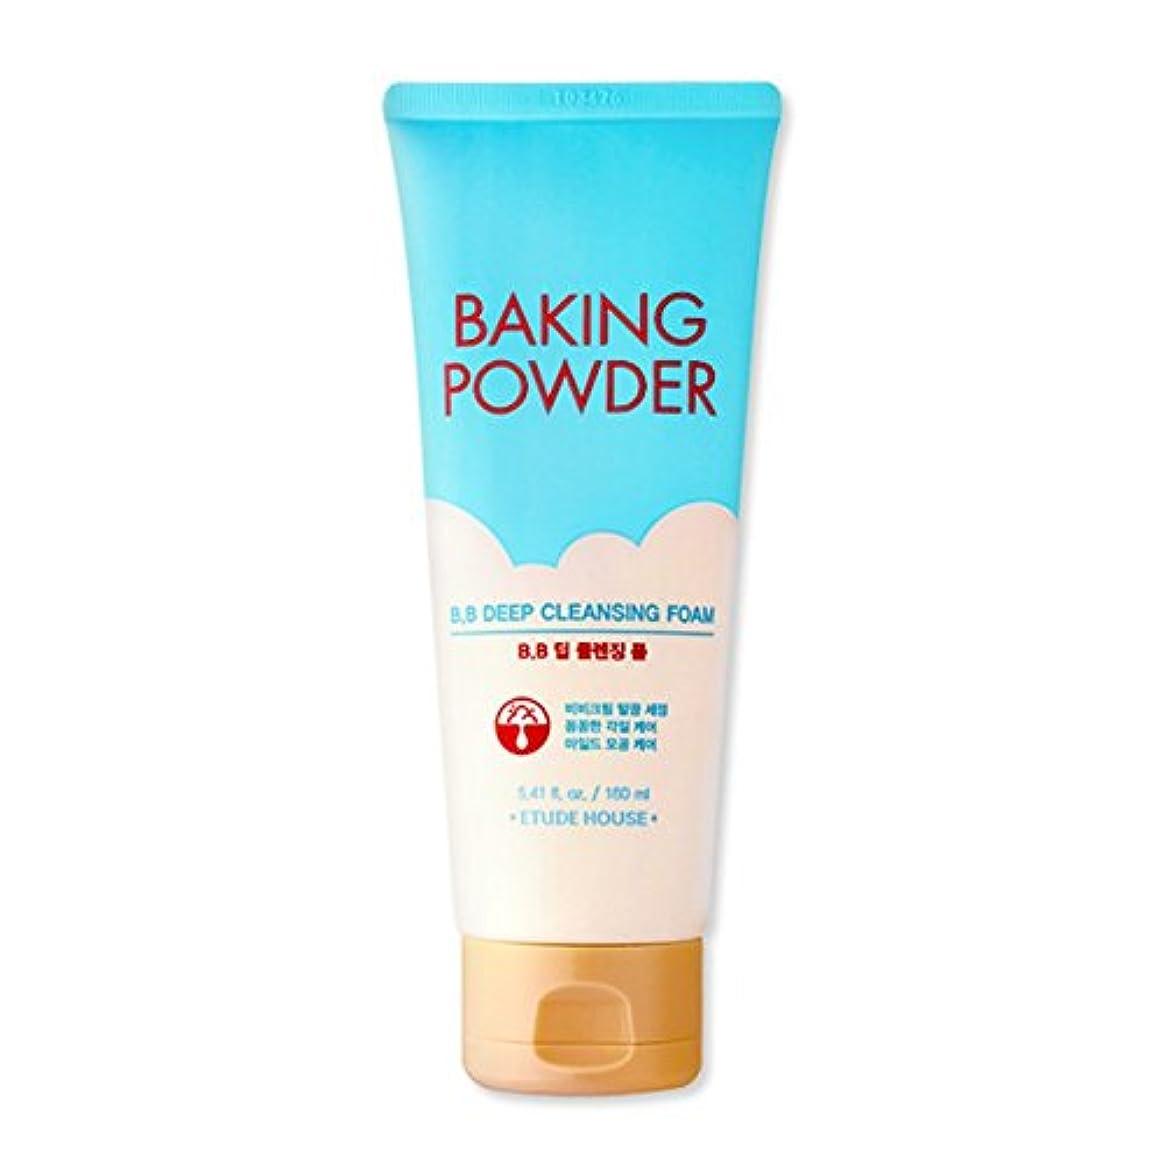 使い込むコマンドデンマーク語[2016 Upgrade!] ETUDE HOUSE Baking Powder B.B Deep Cleansing Foam 160ml/エチュードハウス ベーキング パウダー B.B ディープ クレンジング フォーム...